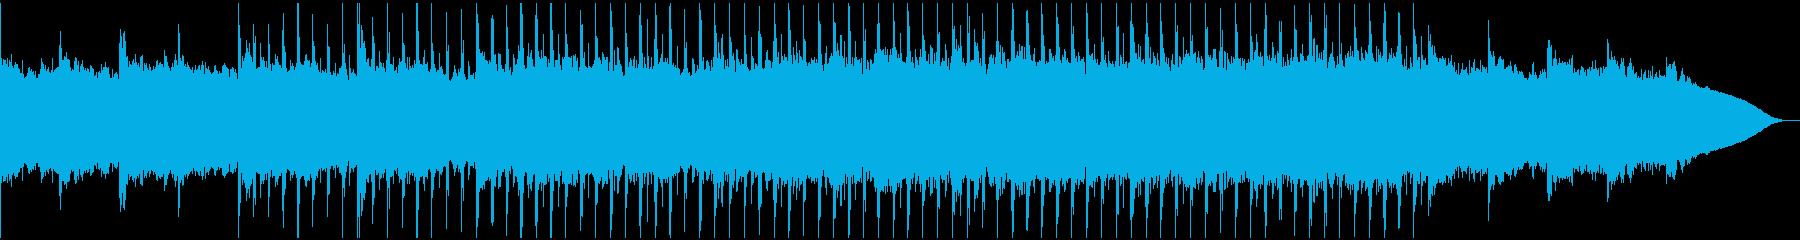 60秒企業VP,コーポレート,明るく元気の再生済みの波形